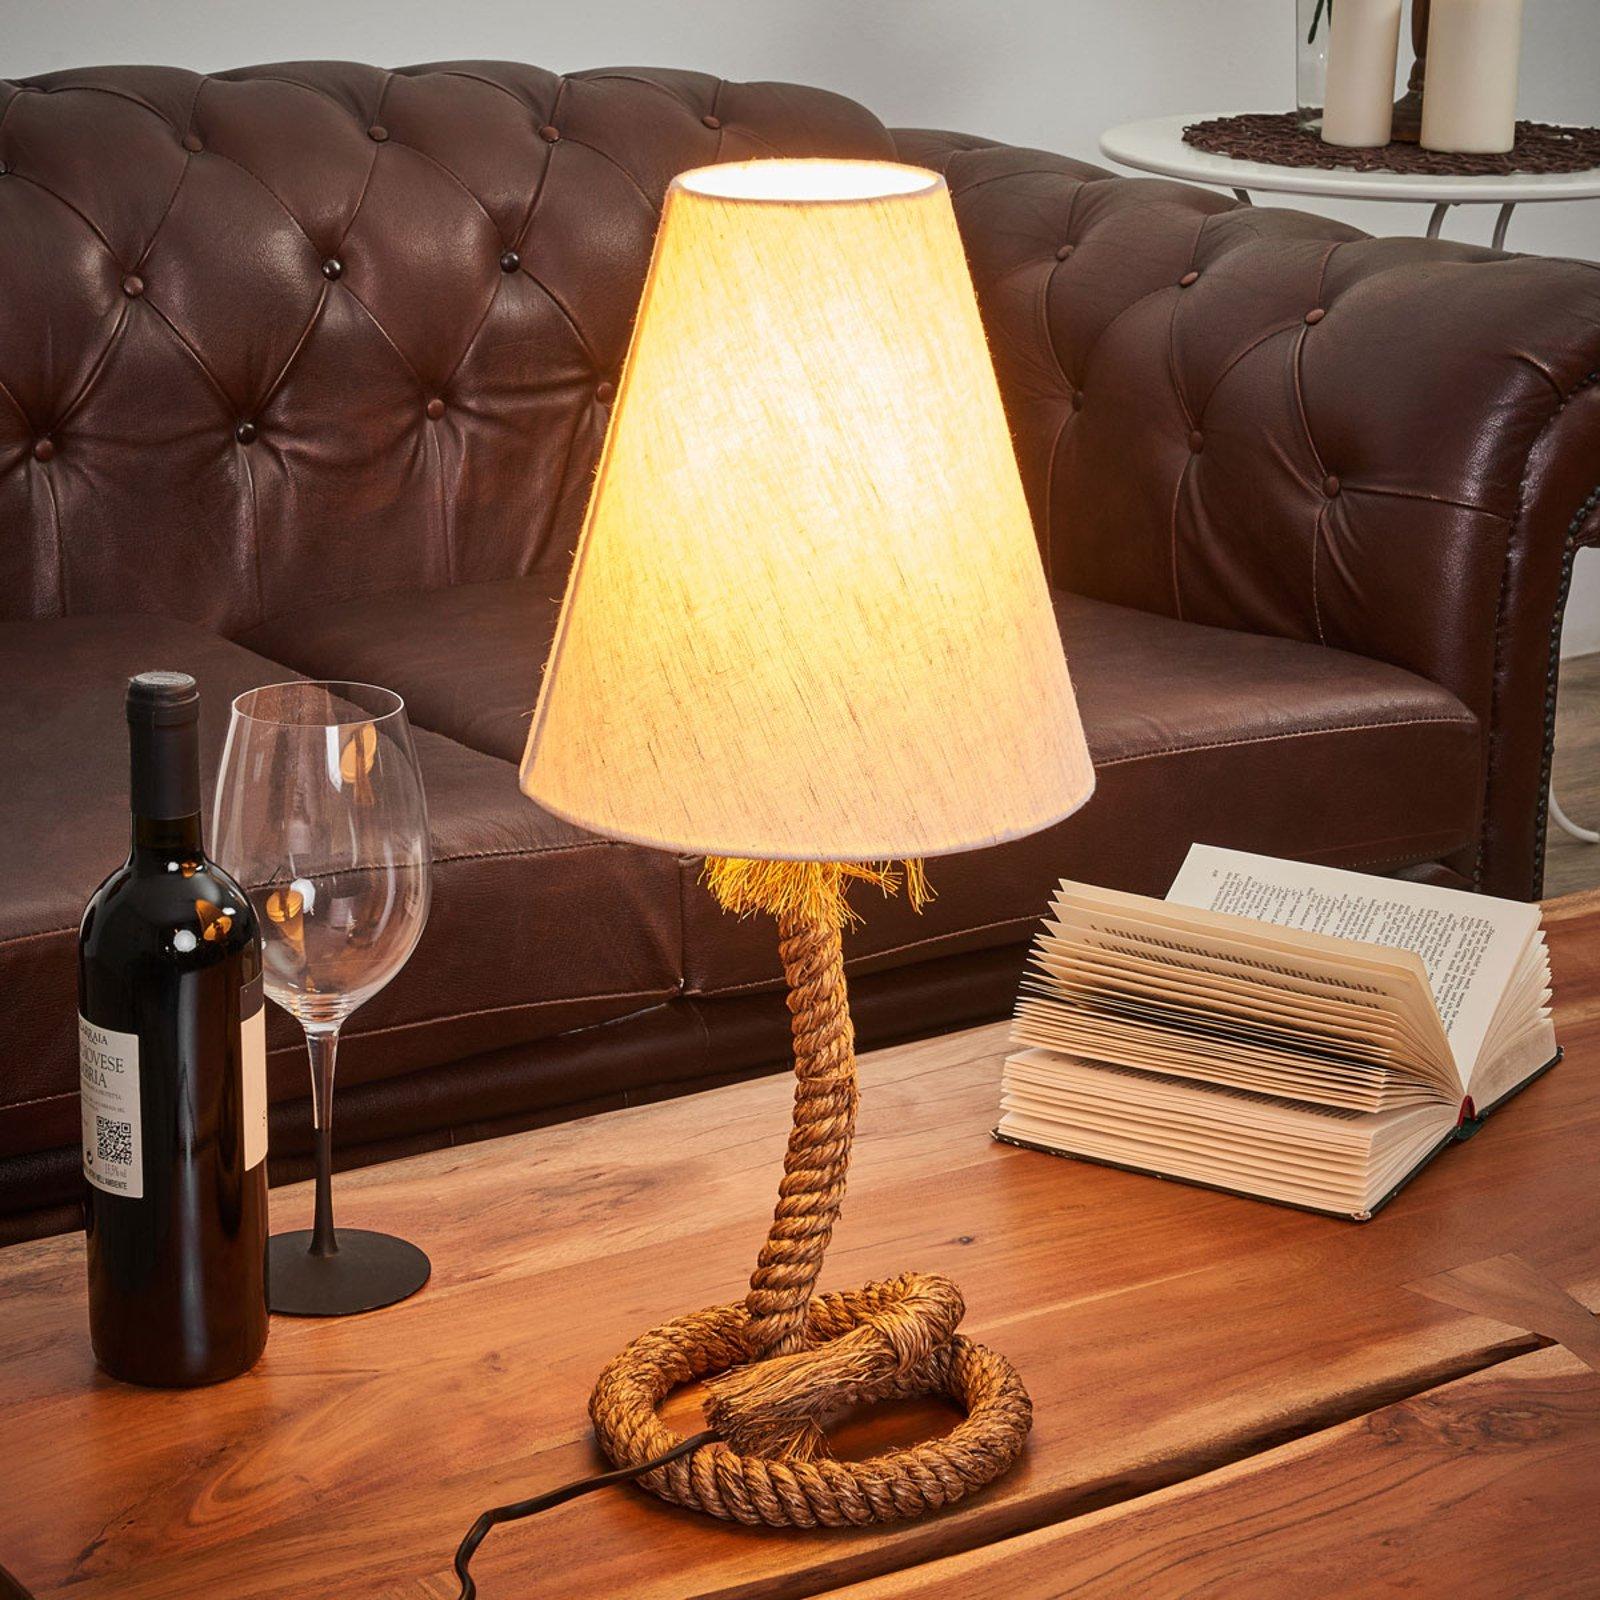 Maritim bordlampe Victoria, 18 cm